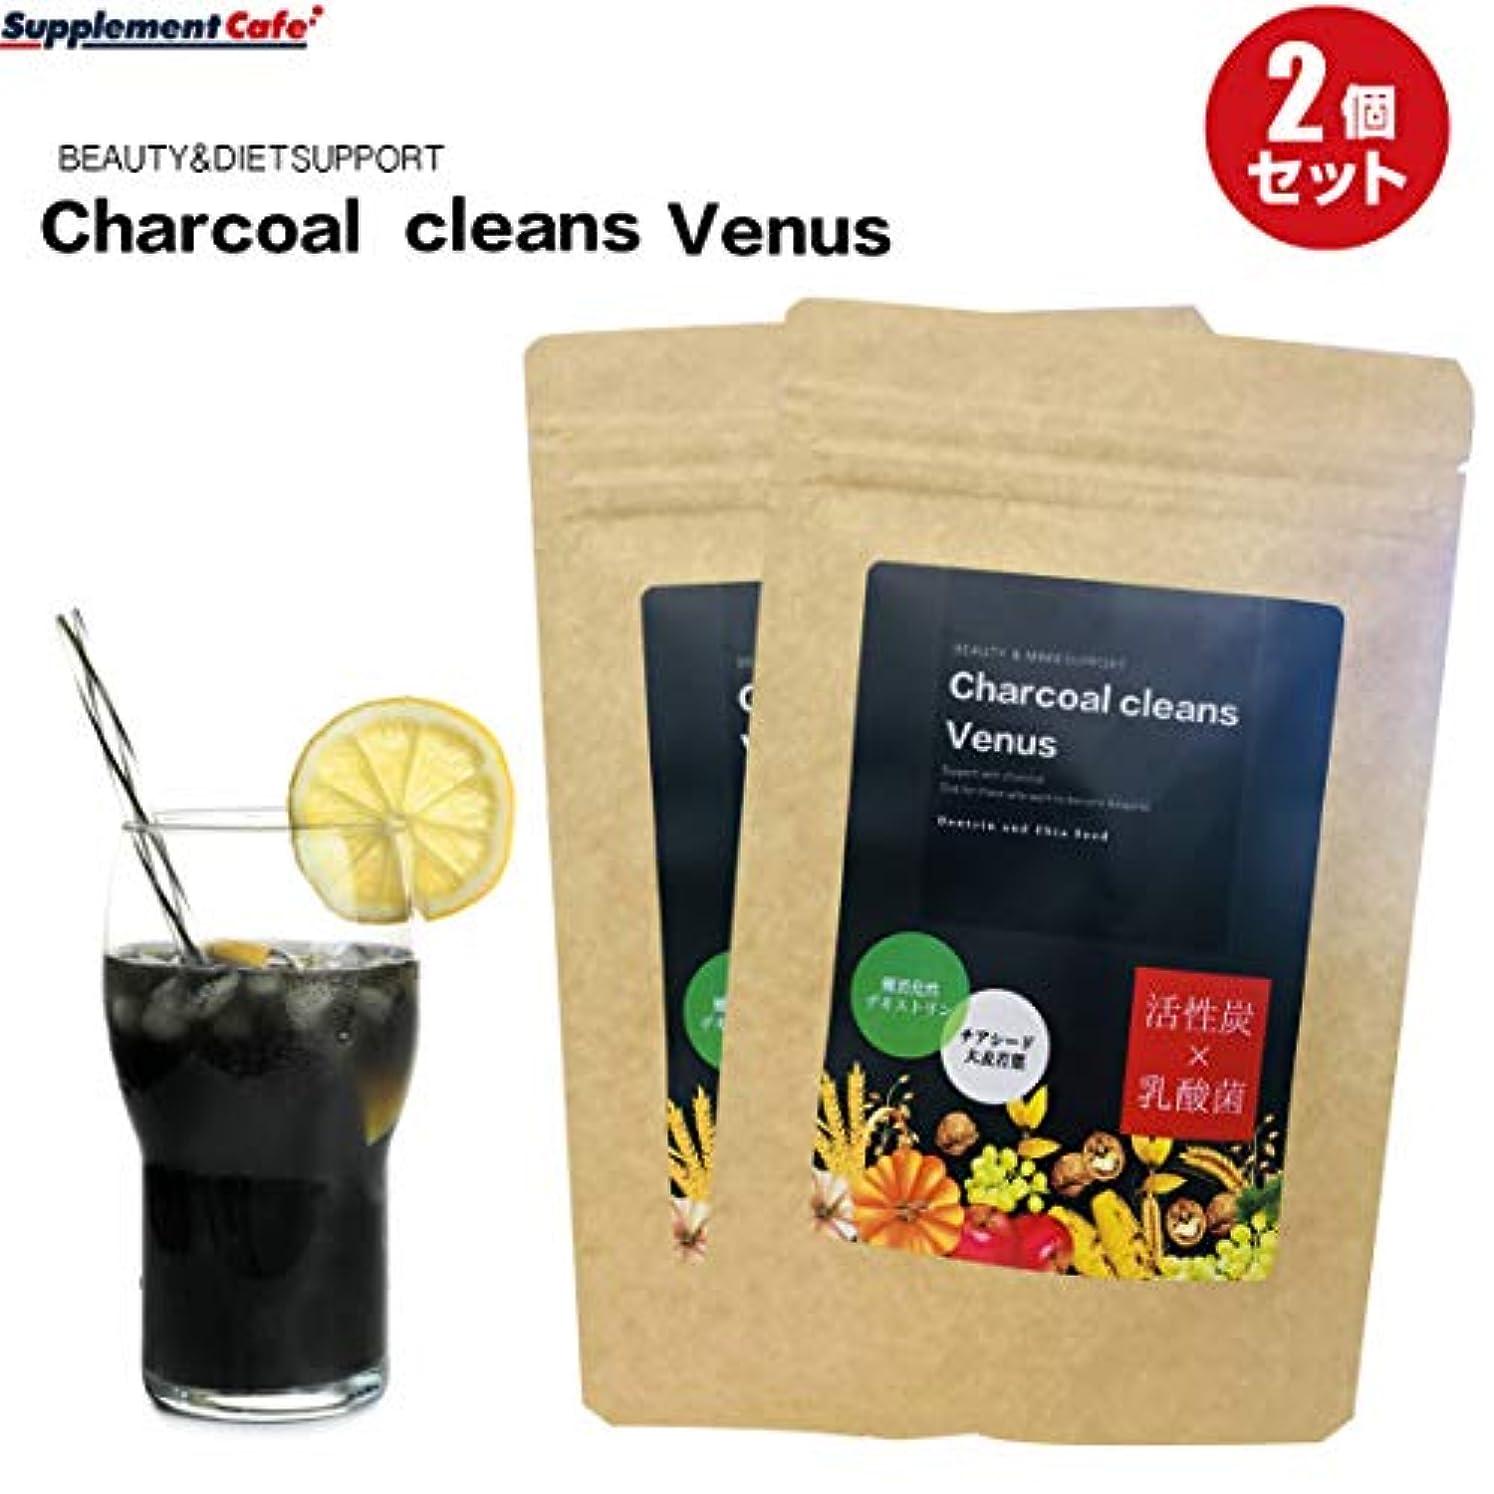 動物シリーズ行方不明2袋セット 炭 デトックス & ダイエット 活性炭 + 乳酸菌 チャコールクレンズ ビーナス 約1ヶ月分 150g フルーツMIX味